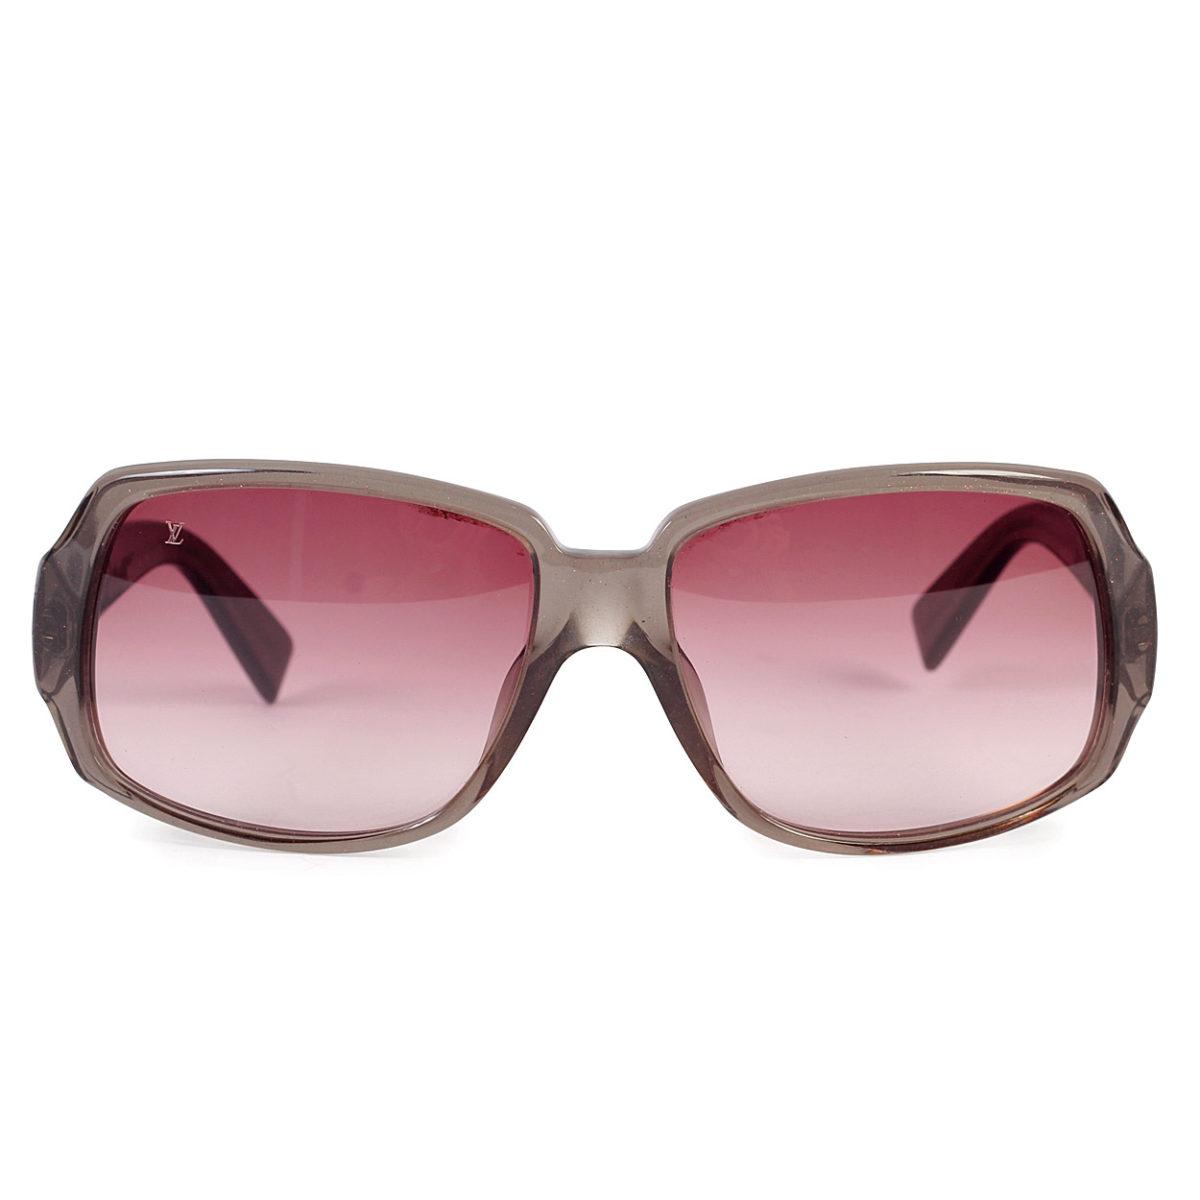 0e31de95e365c LOUIS VUITTON Obsession GM Sunglasses - NEW